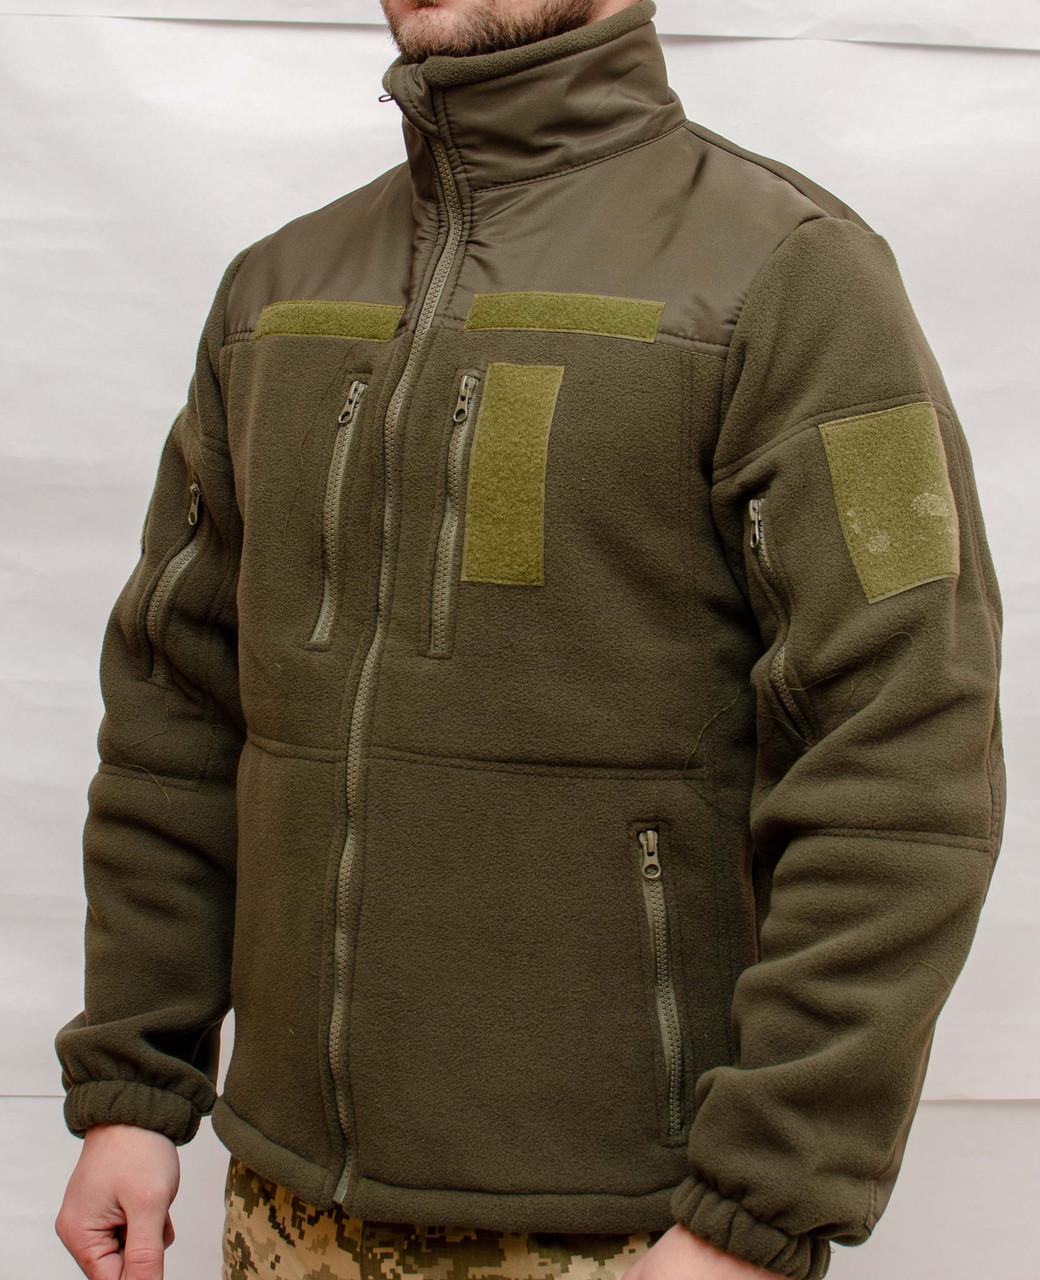 Тактическая флисовая кофта  Army Tactic хаки